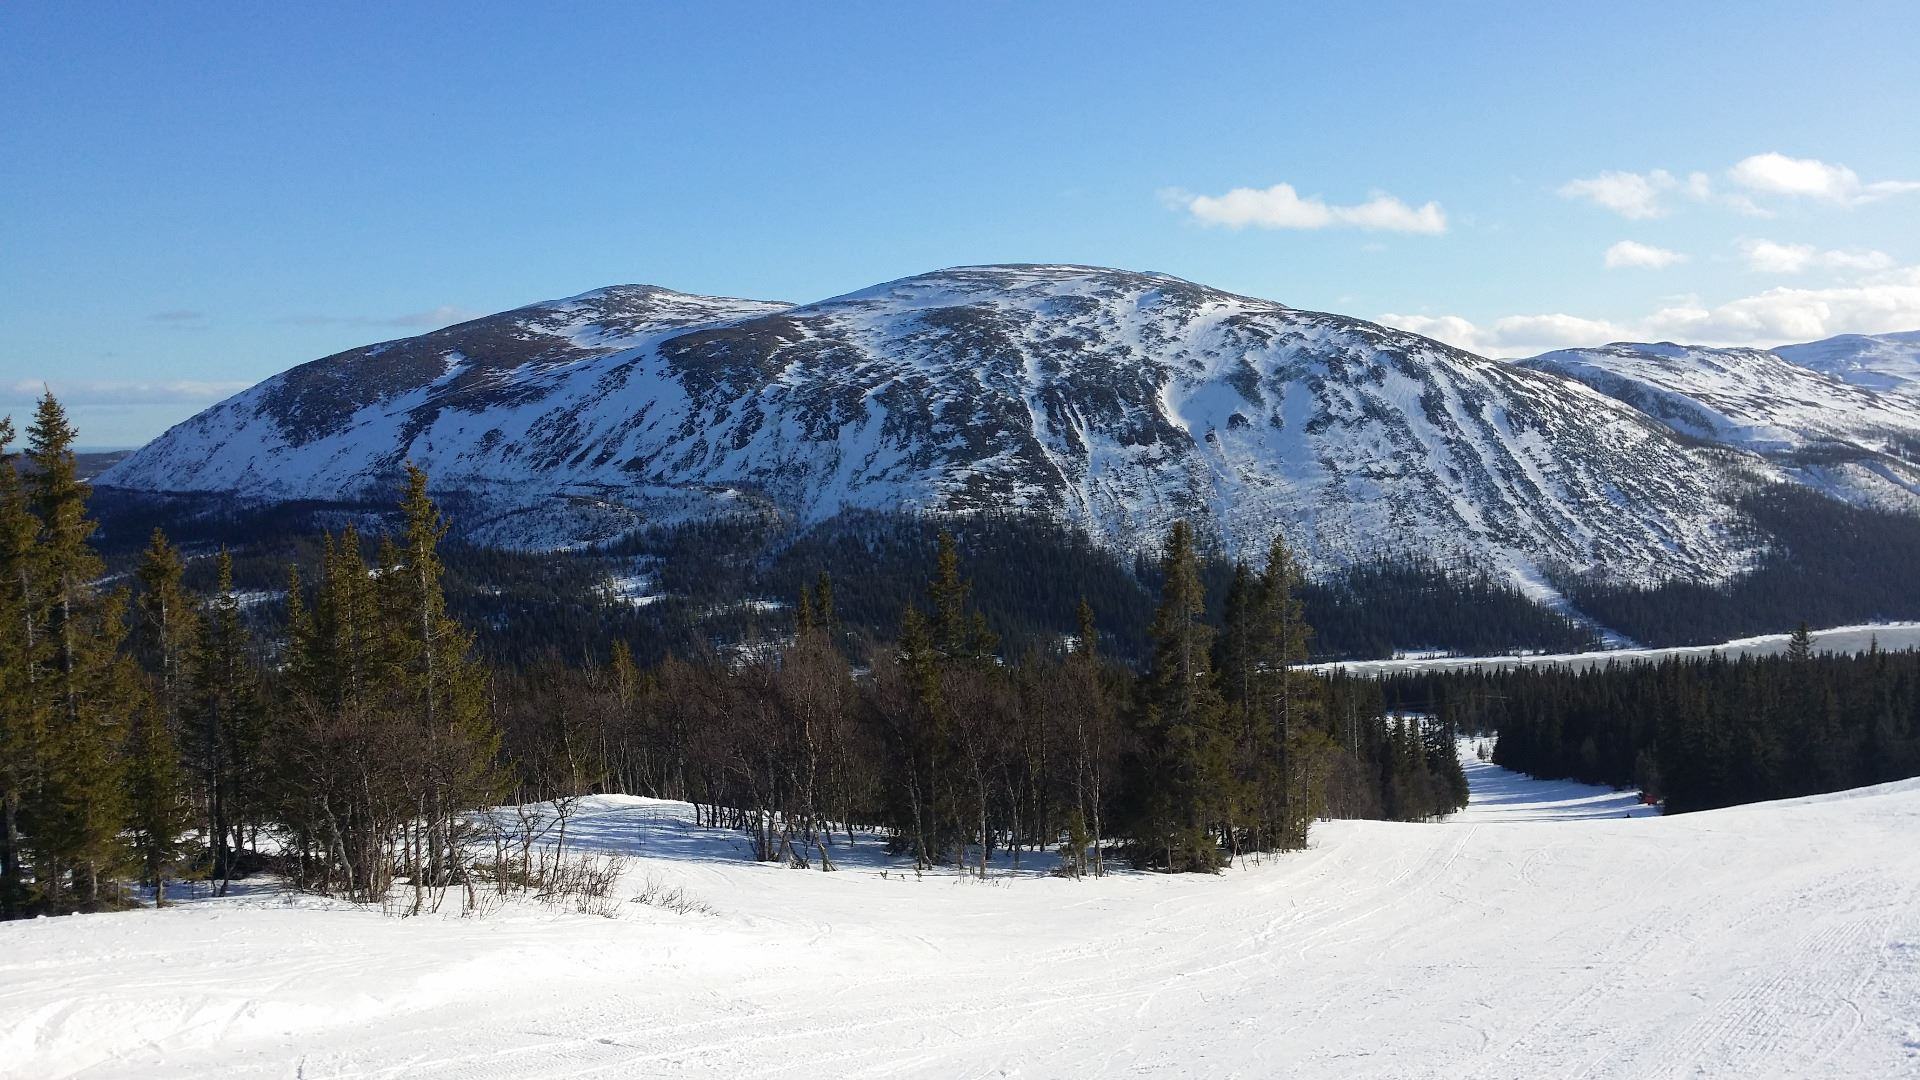 Bydalens Fjällby